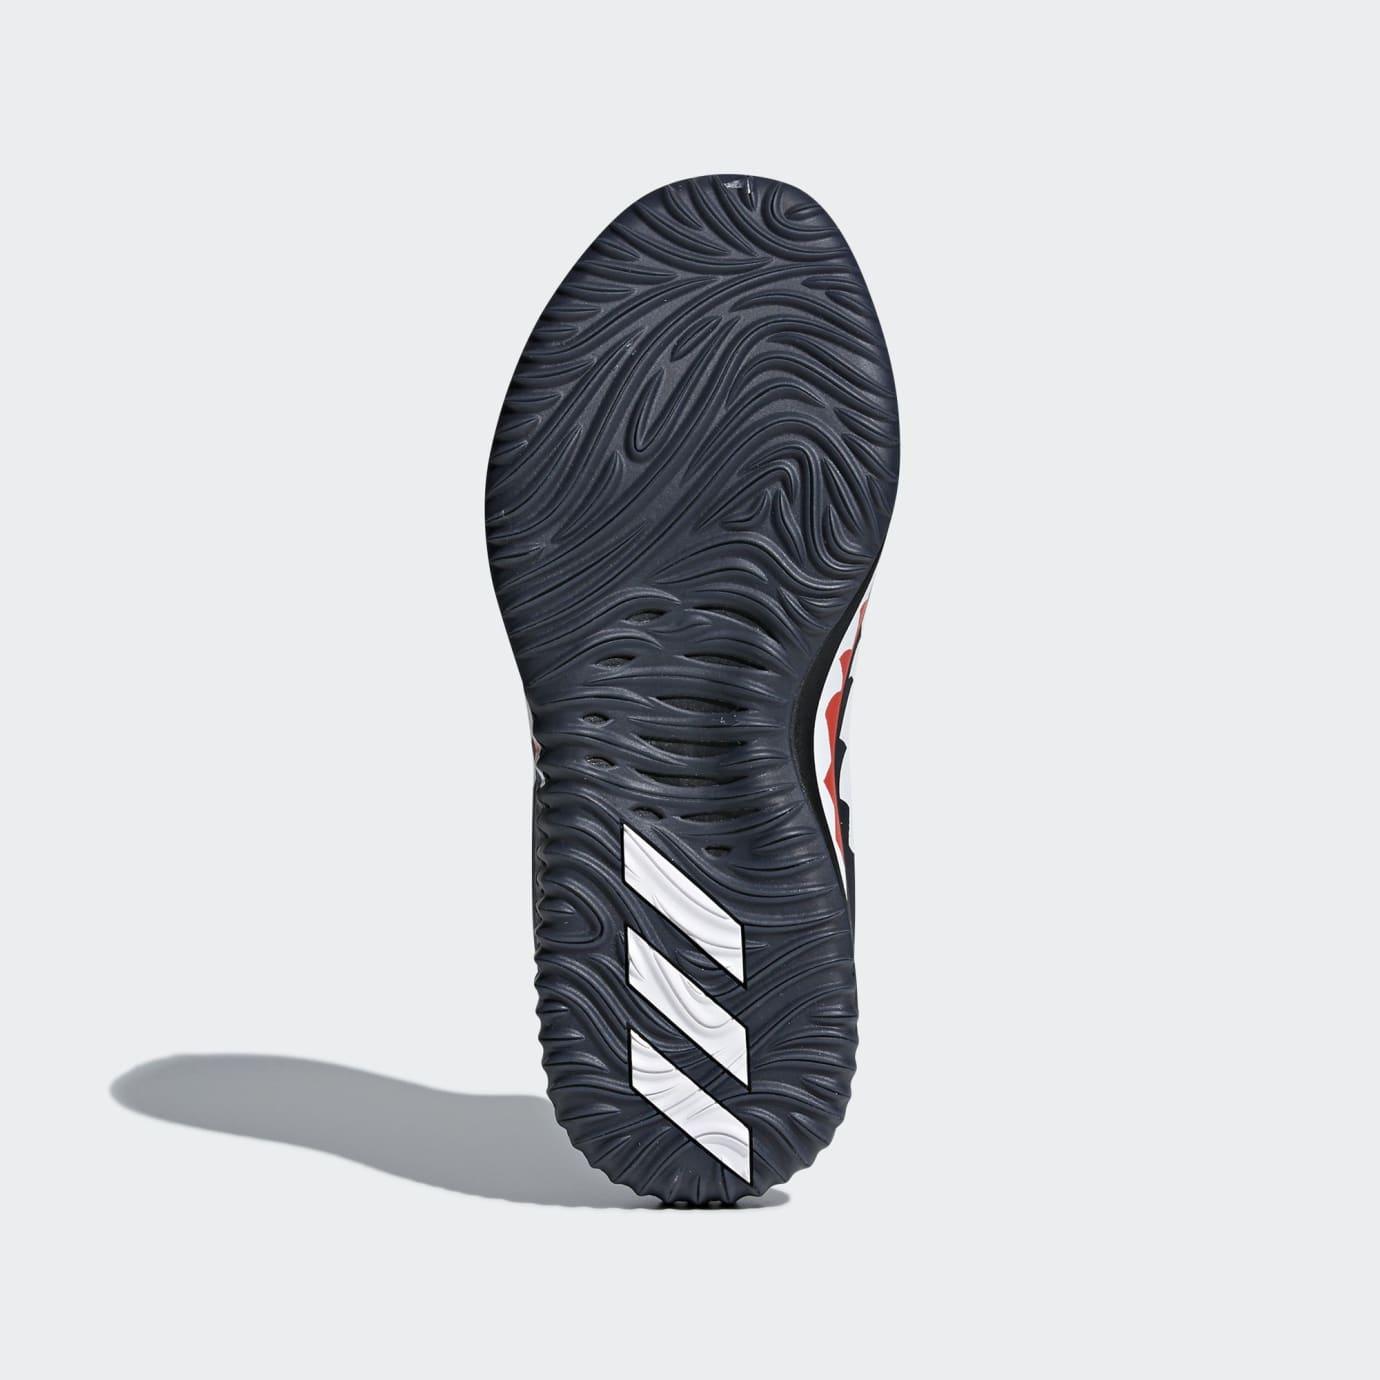 BAPE x Adidas Dame 4 'Black Camo' AP9975 (Bottom)